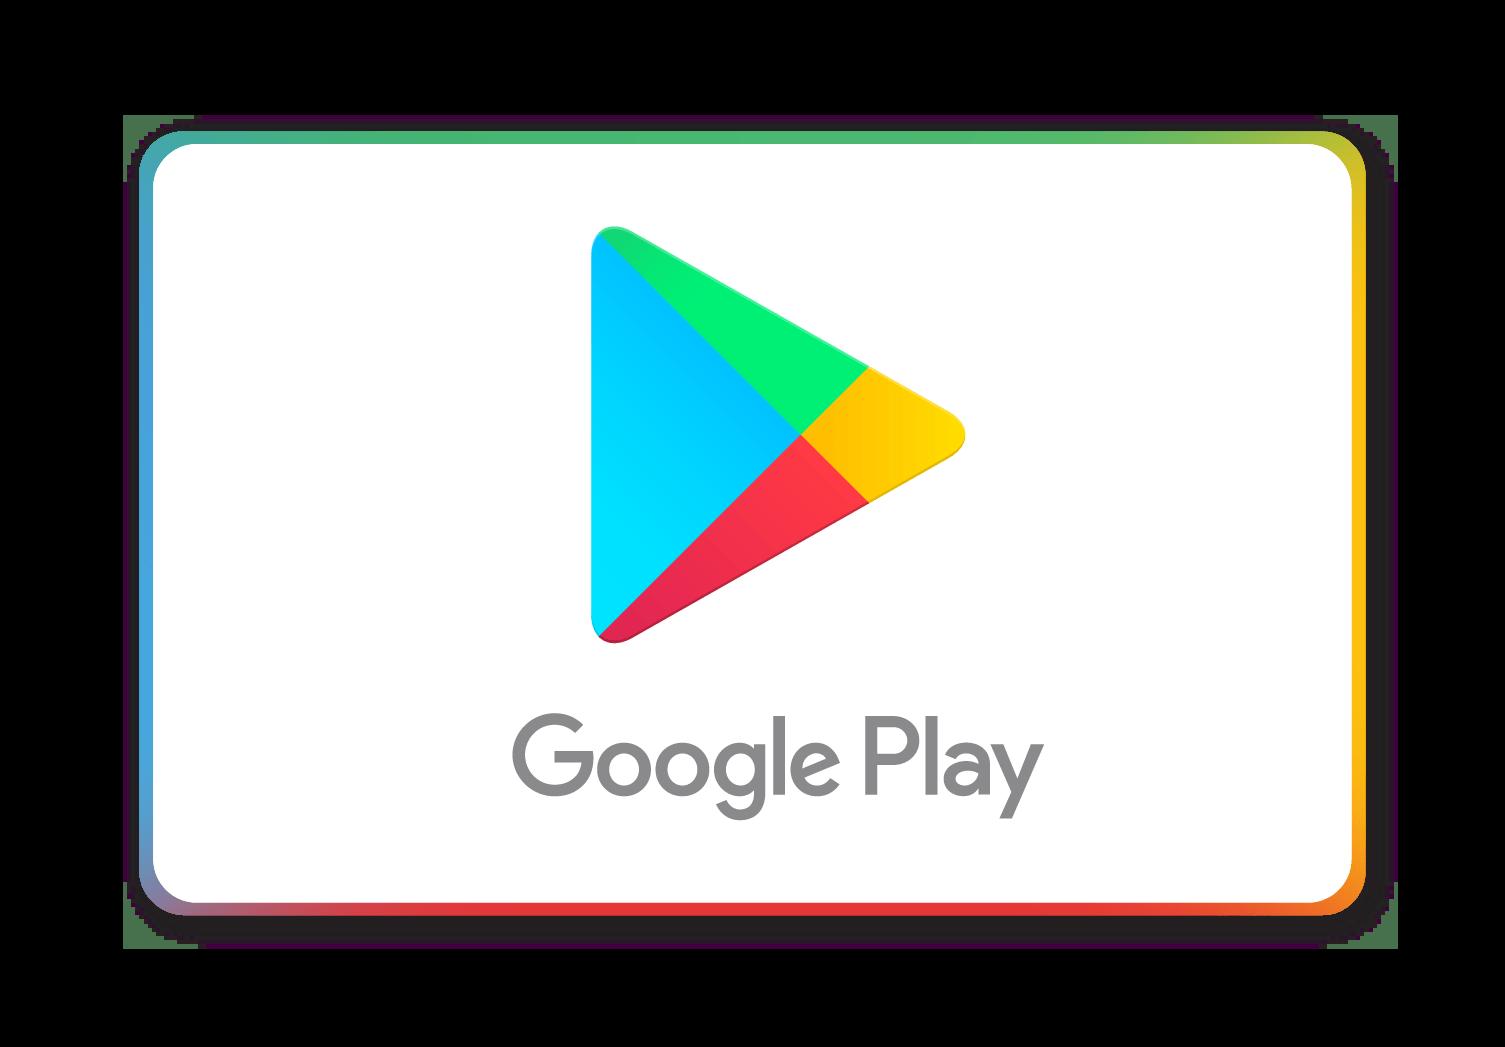 【4/25まで】「楽天市場」、Googleplayギフトカードにポイント5倍!買い回り&SPUで最大29倍も!【ポイント消化、買い回りに最適】